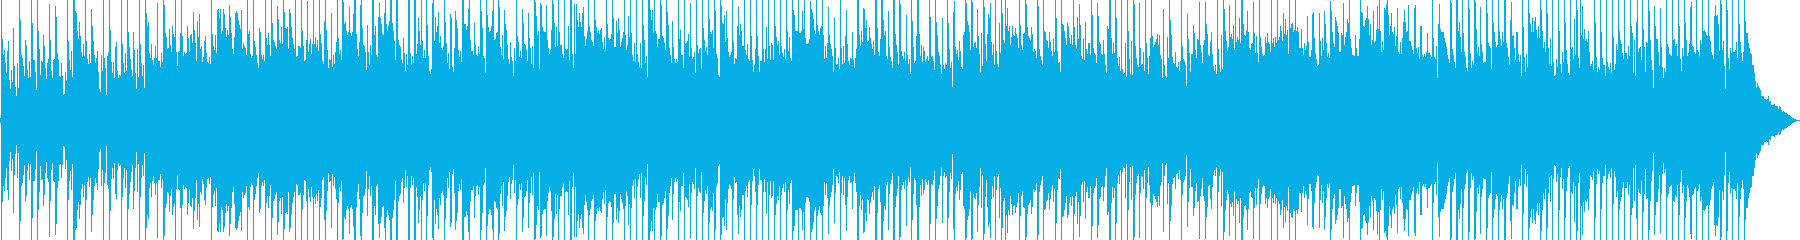 ほのぼの、ほんわかカントリーワルツの再生済みの波形